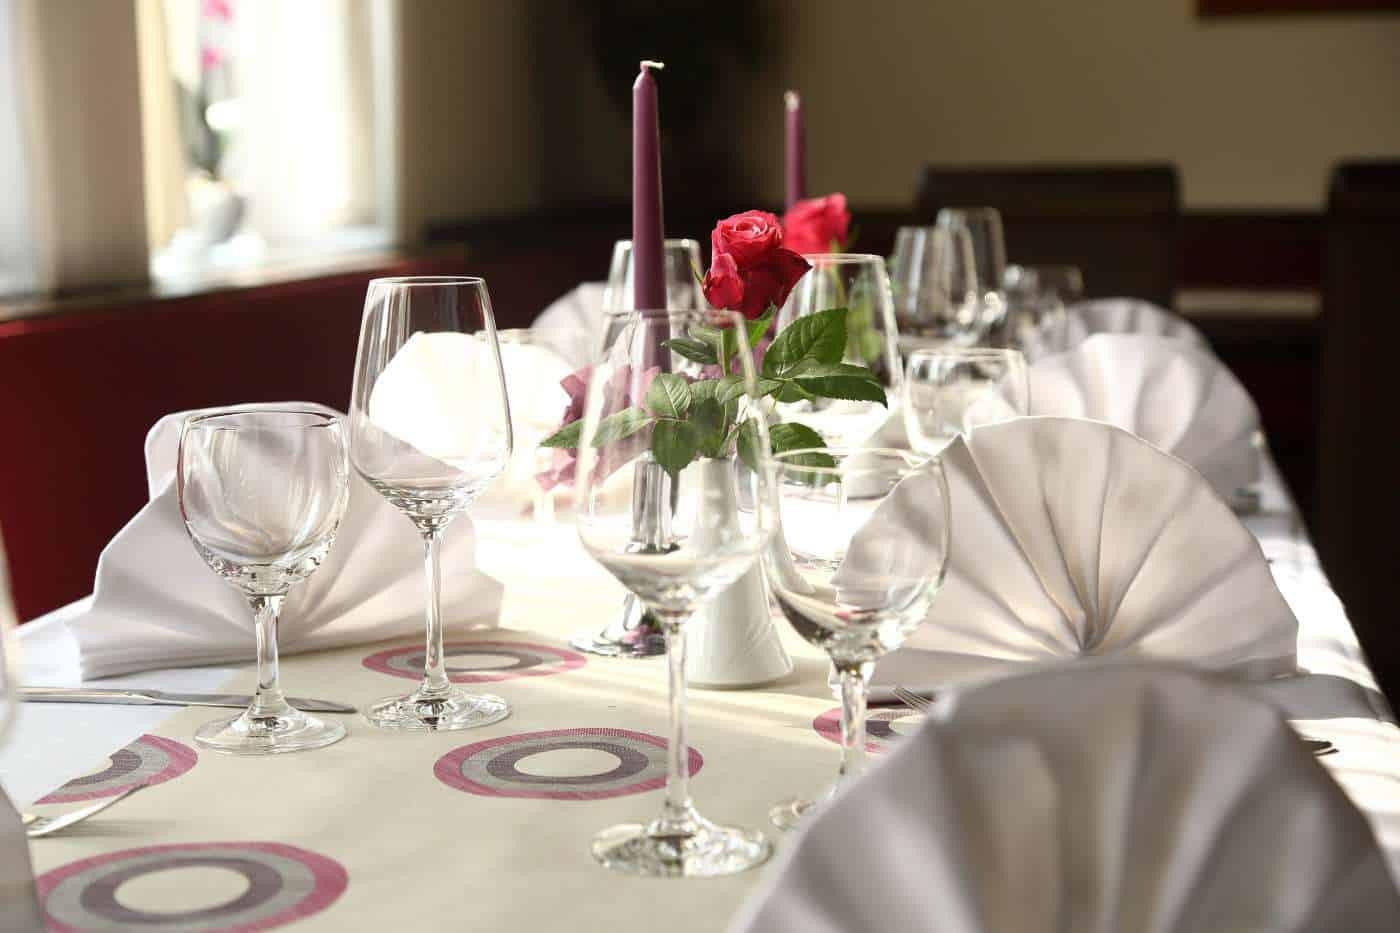 Restaurant im Hotel Bürgermeisterkapelle in Hildeshe3im